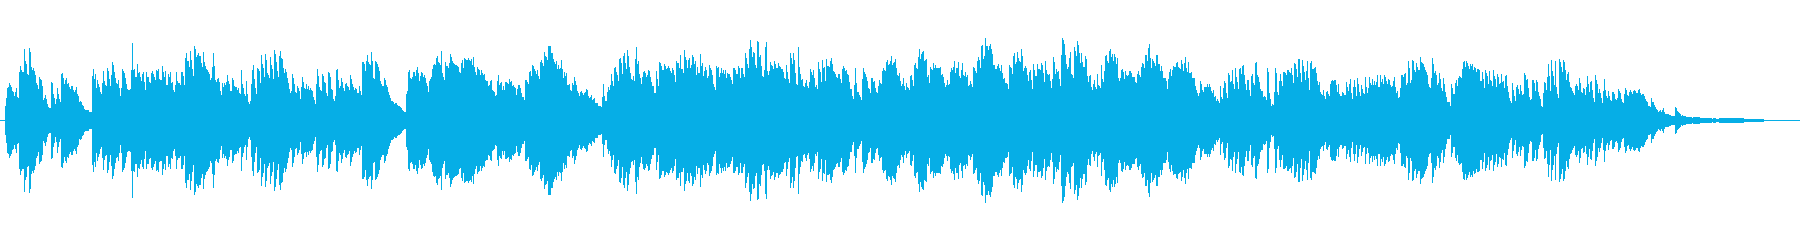 切ないバラード風の ピアノソロの再生済みの波形